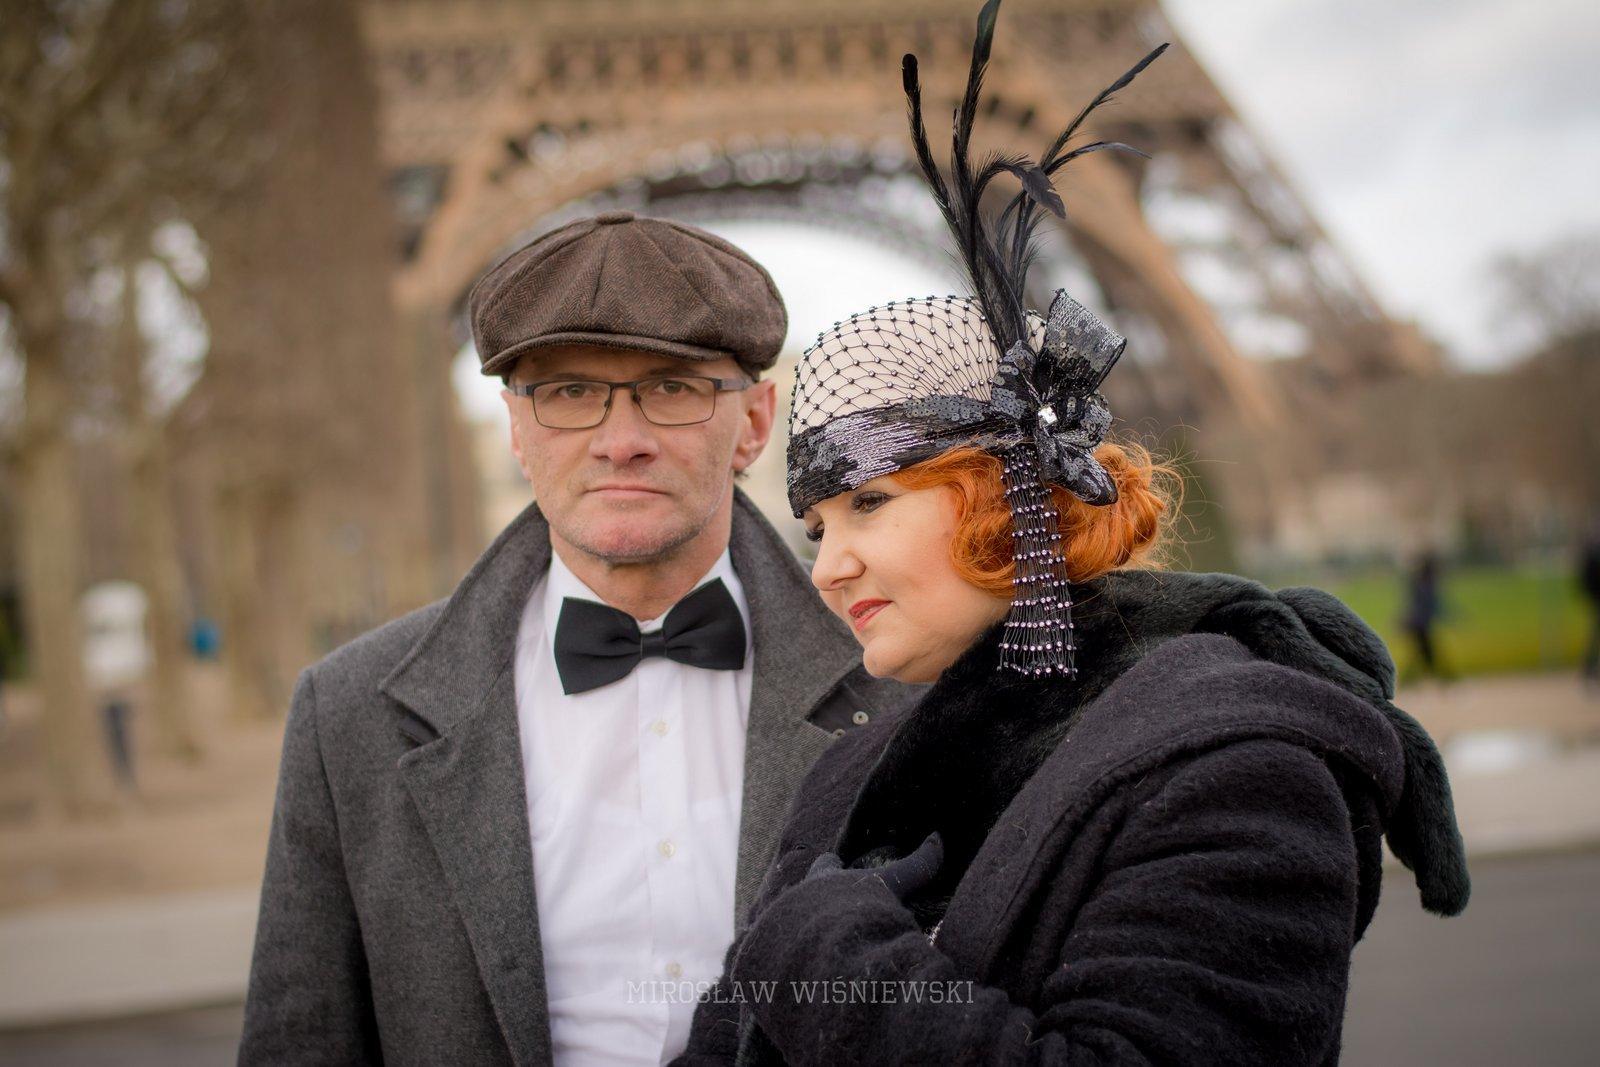 Miroslaw Wisniewski sesja plener Paryż